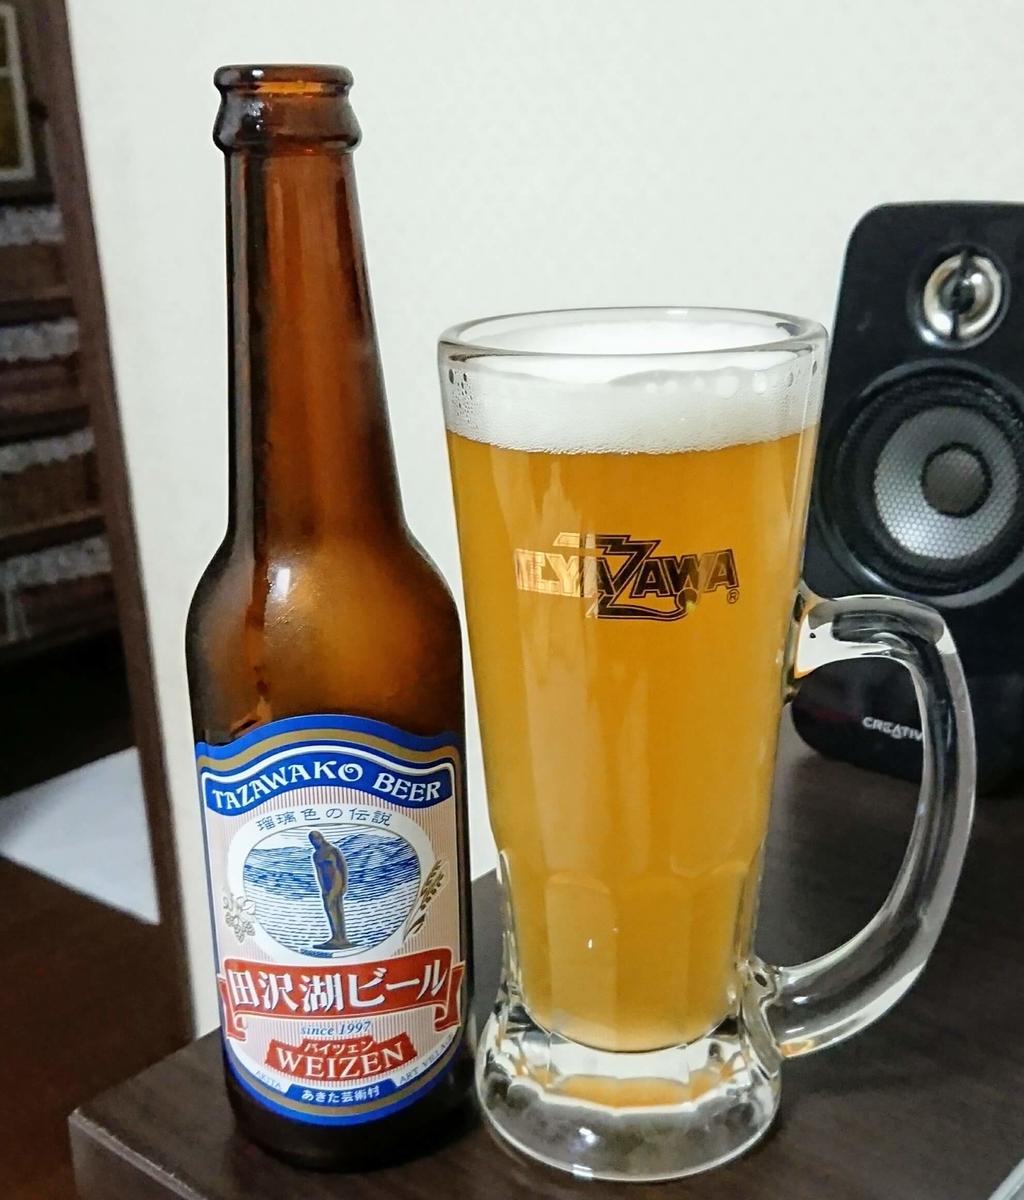 田沢湖ビール バイツェンの感想・評価:調べても出てこなかった味わいが……